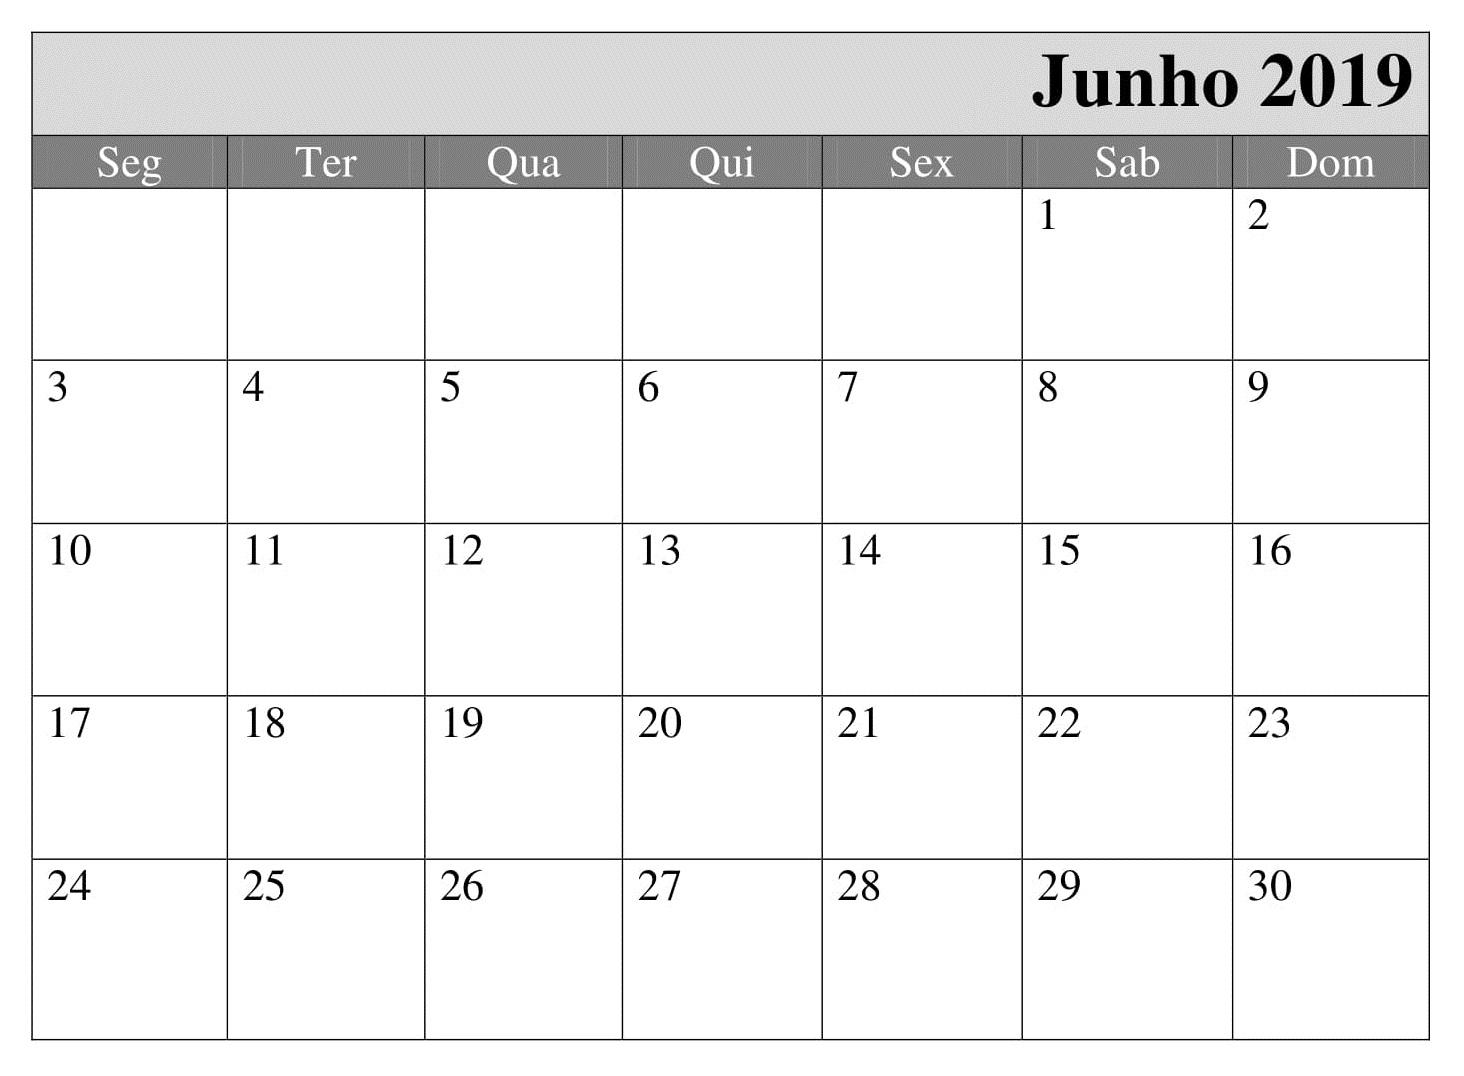 Junho Calendário 2019 Editavel Para Imprimir